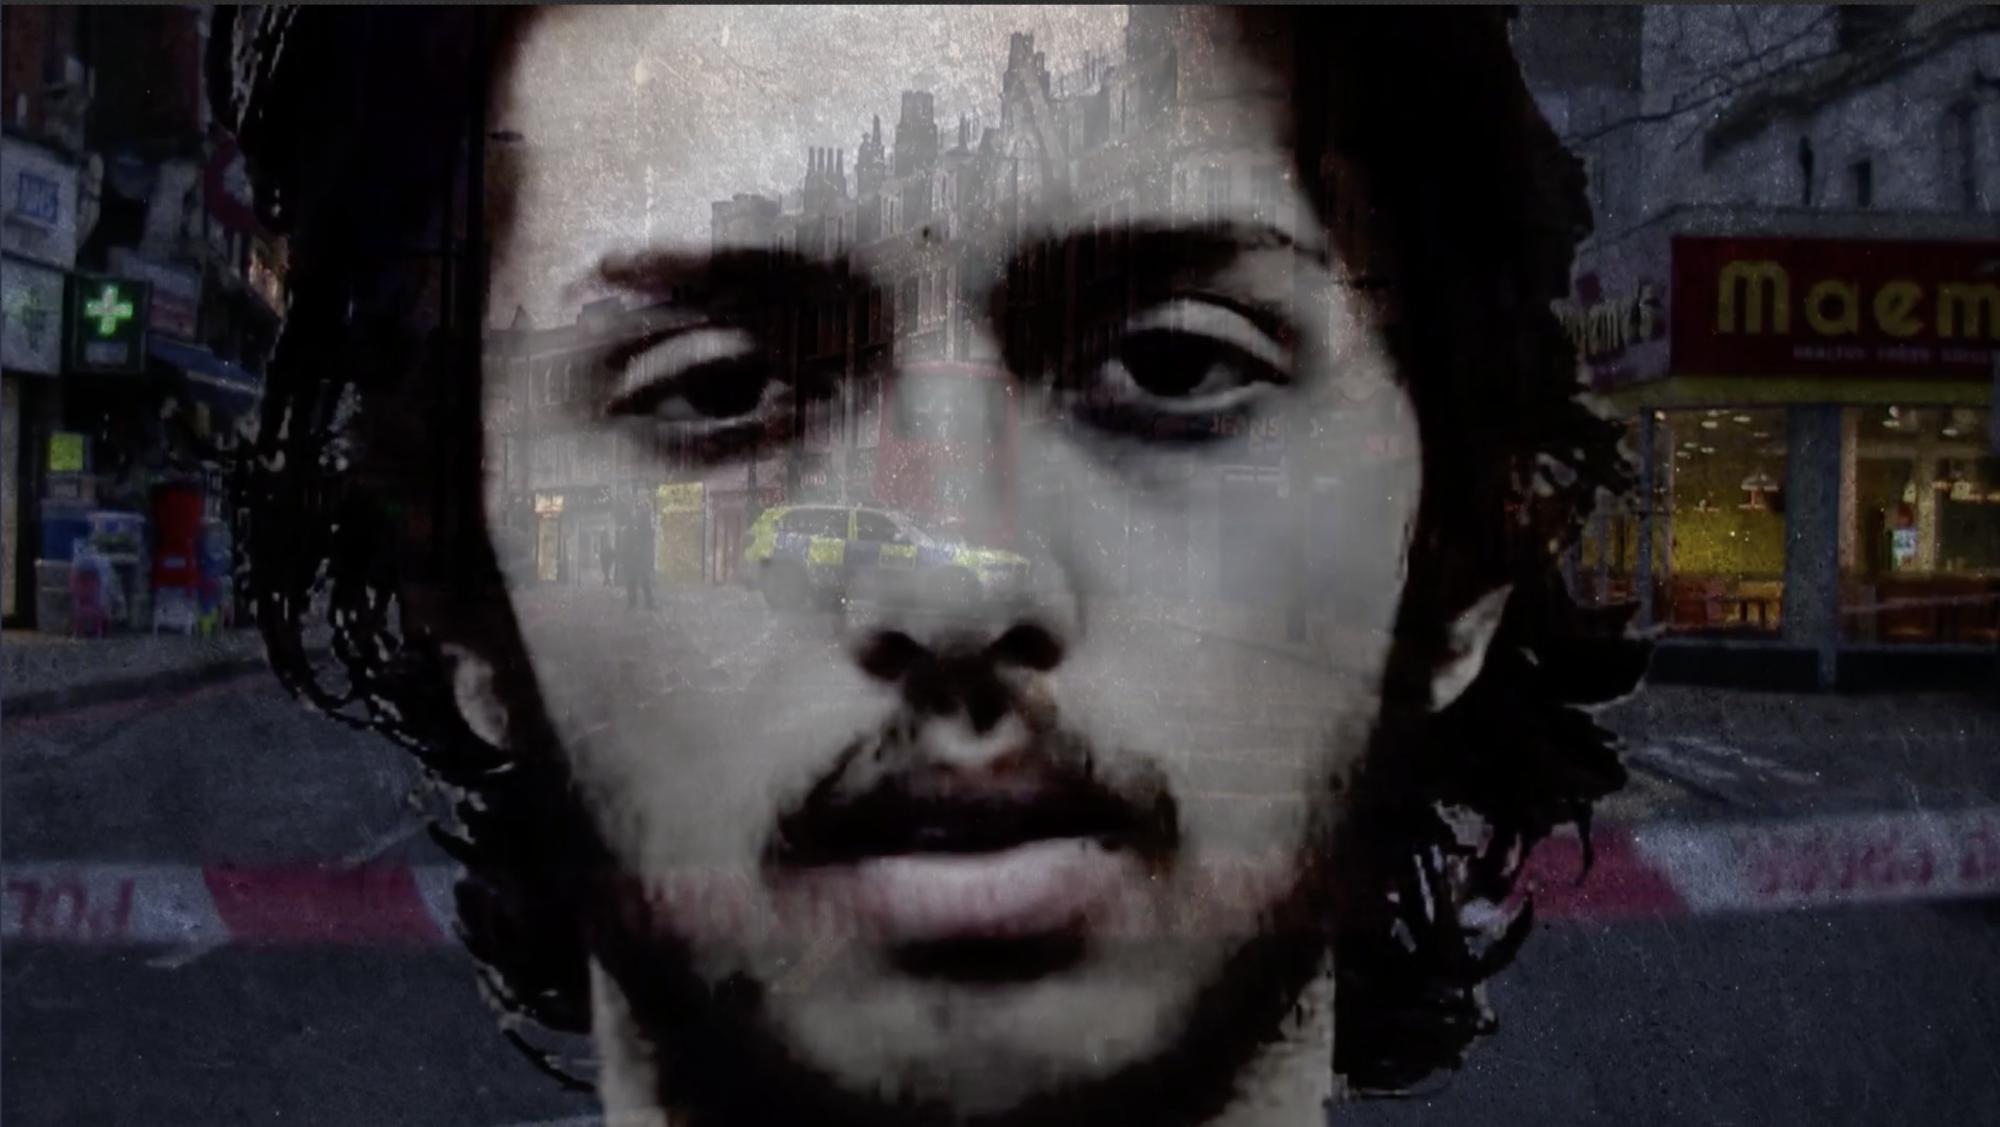 Streatham terrorist Sudesh Amman 'retained extremist views' after prison release - channel 4